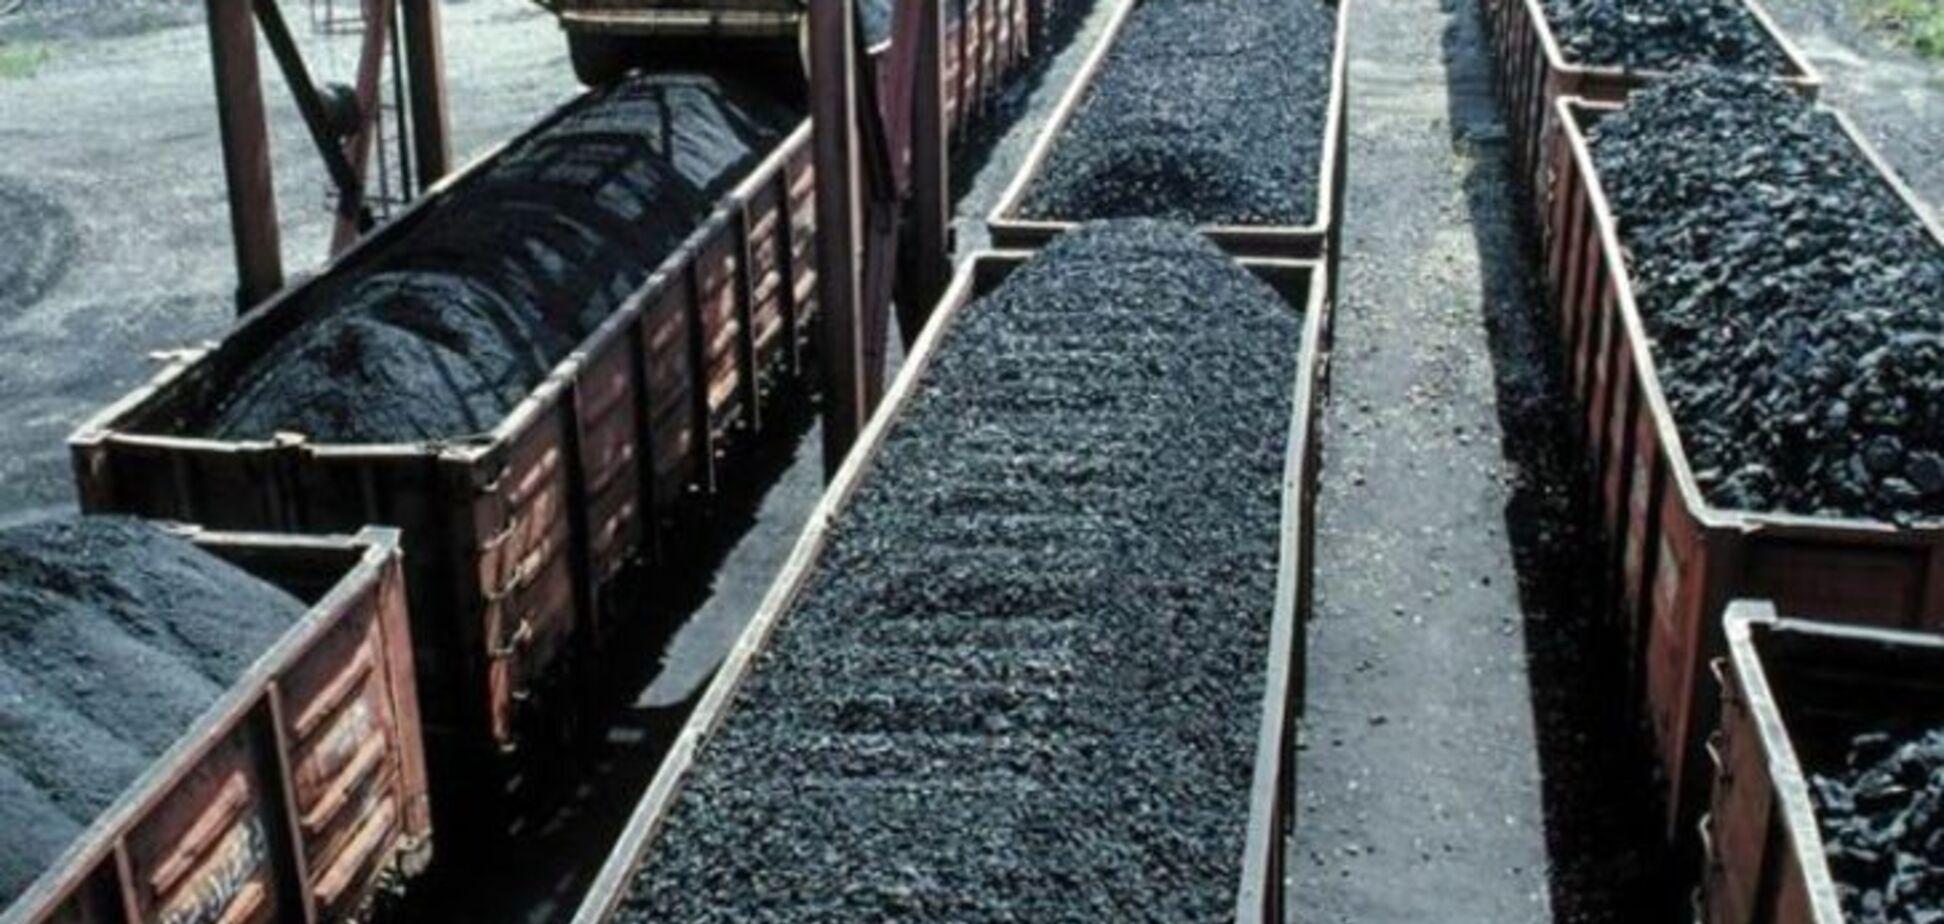 Повышение тарифа на передачу электричества уничтожит угольную отрасль Украины, – Акимочкин